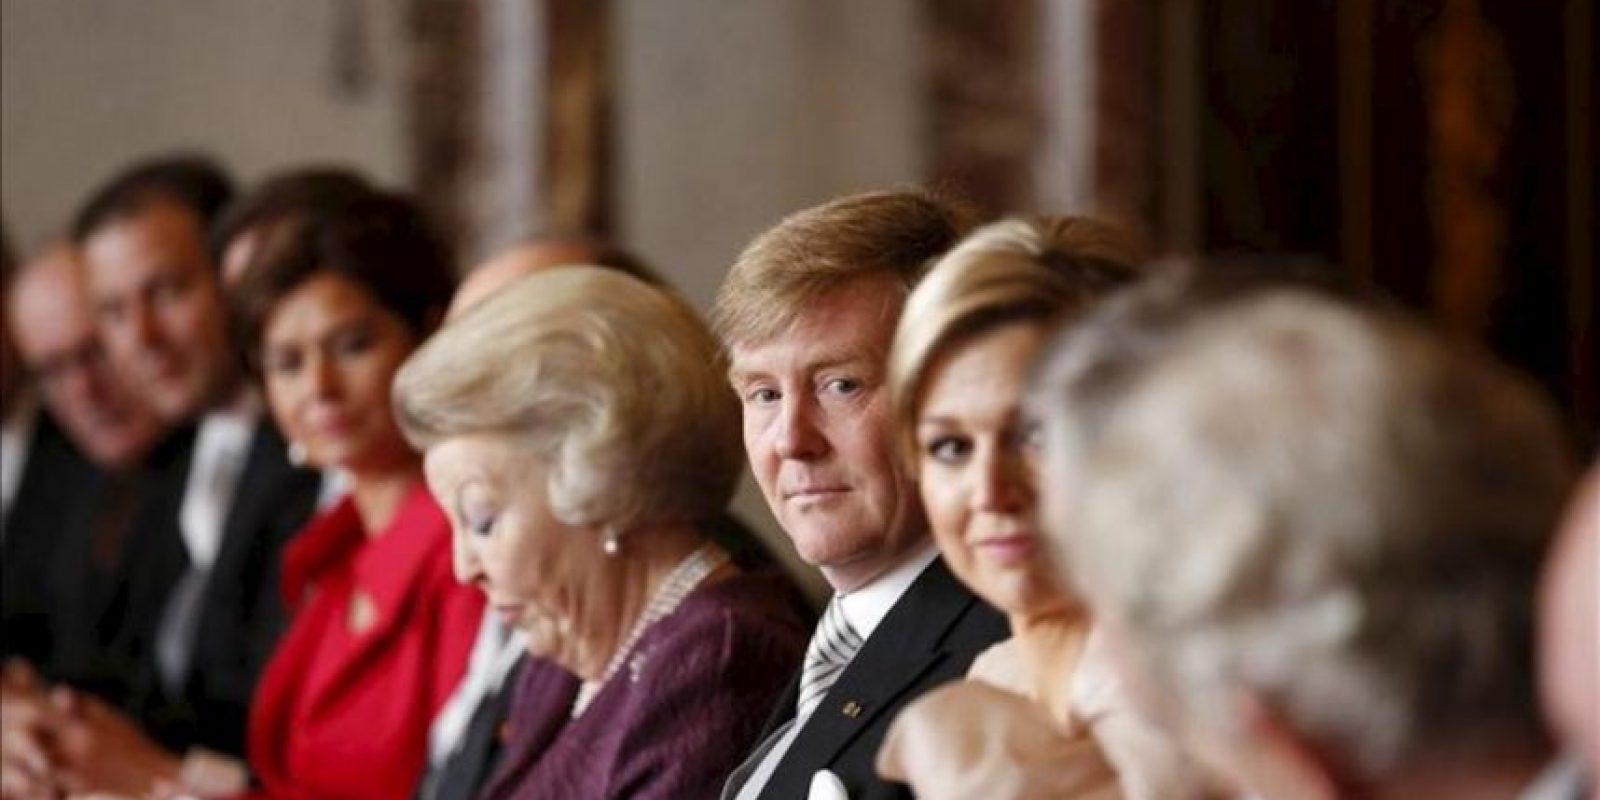 (i-d) La reina Beatriz de Holanda, el príncipe heredero Guillermo-Alejandro, y su esposa Máxima, durante la ceremonia de abdicación celebrada en el Moseszaal del Palacio Real de Ámsterdam, Holanda. EFE